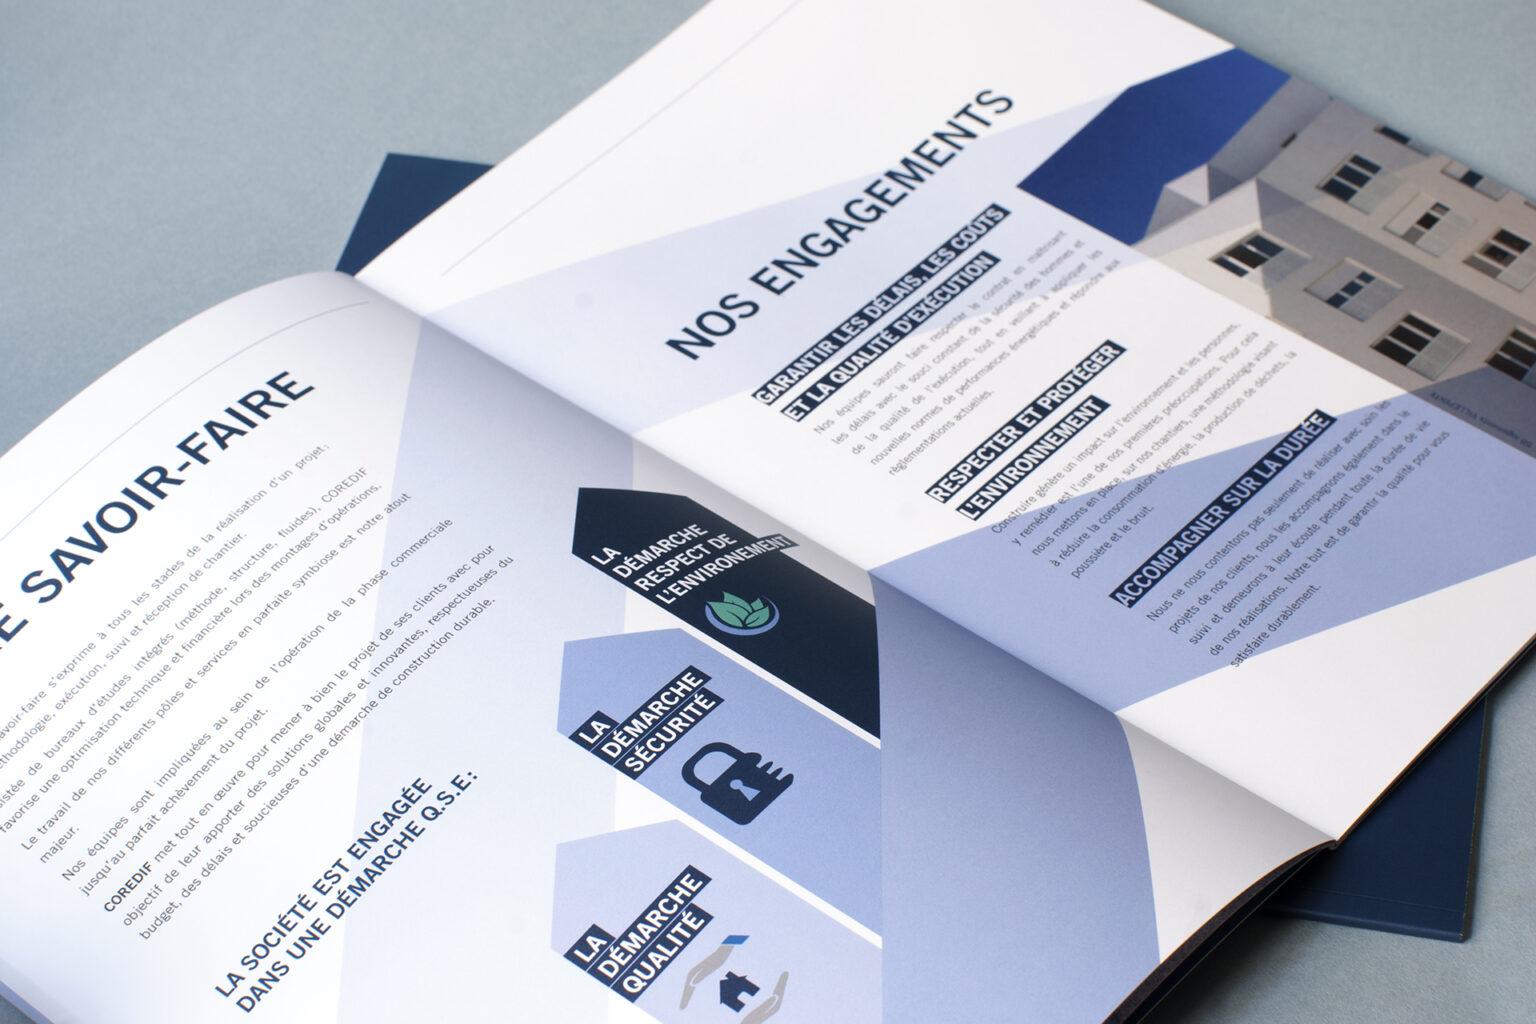 COREDIF Plaquette commerciale par FE Consulting - page intérieure